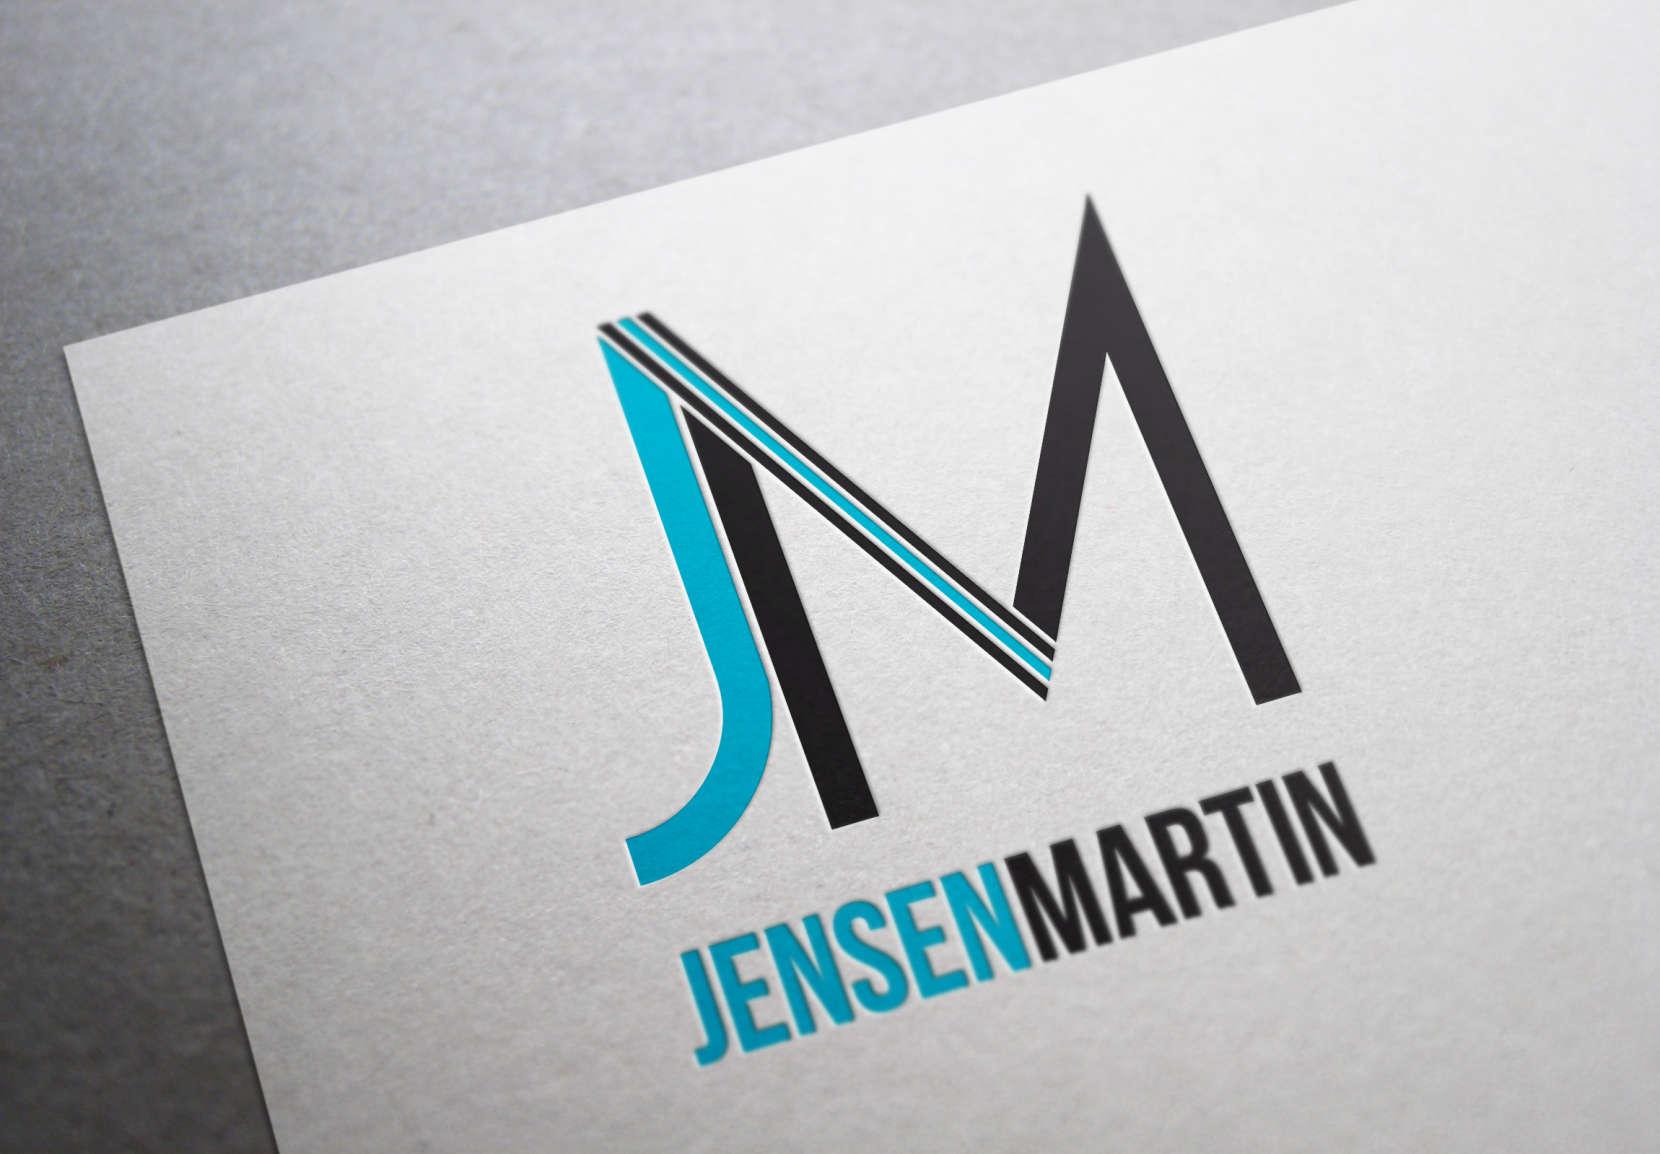 JM-Logo-1660x1154.jpg